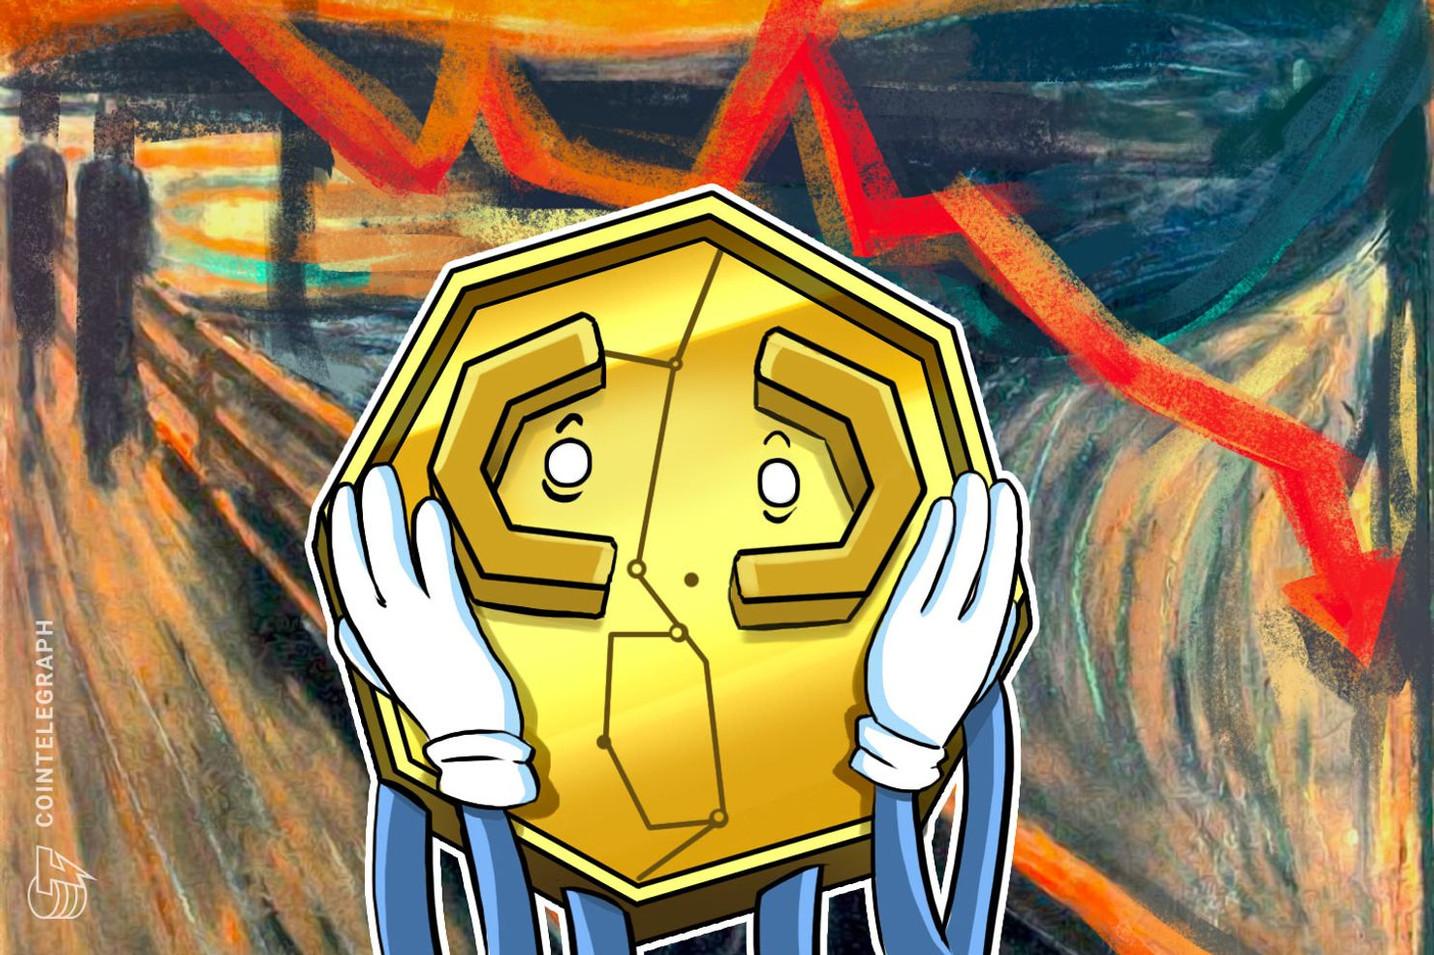 韓国仮想通貨取引所コインネスト「手違い」でビットコインなど5.8億円分をエアドロップ